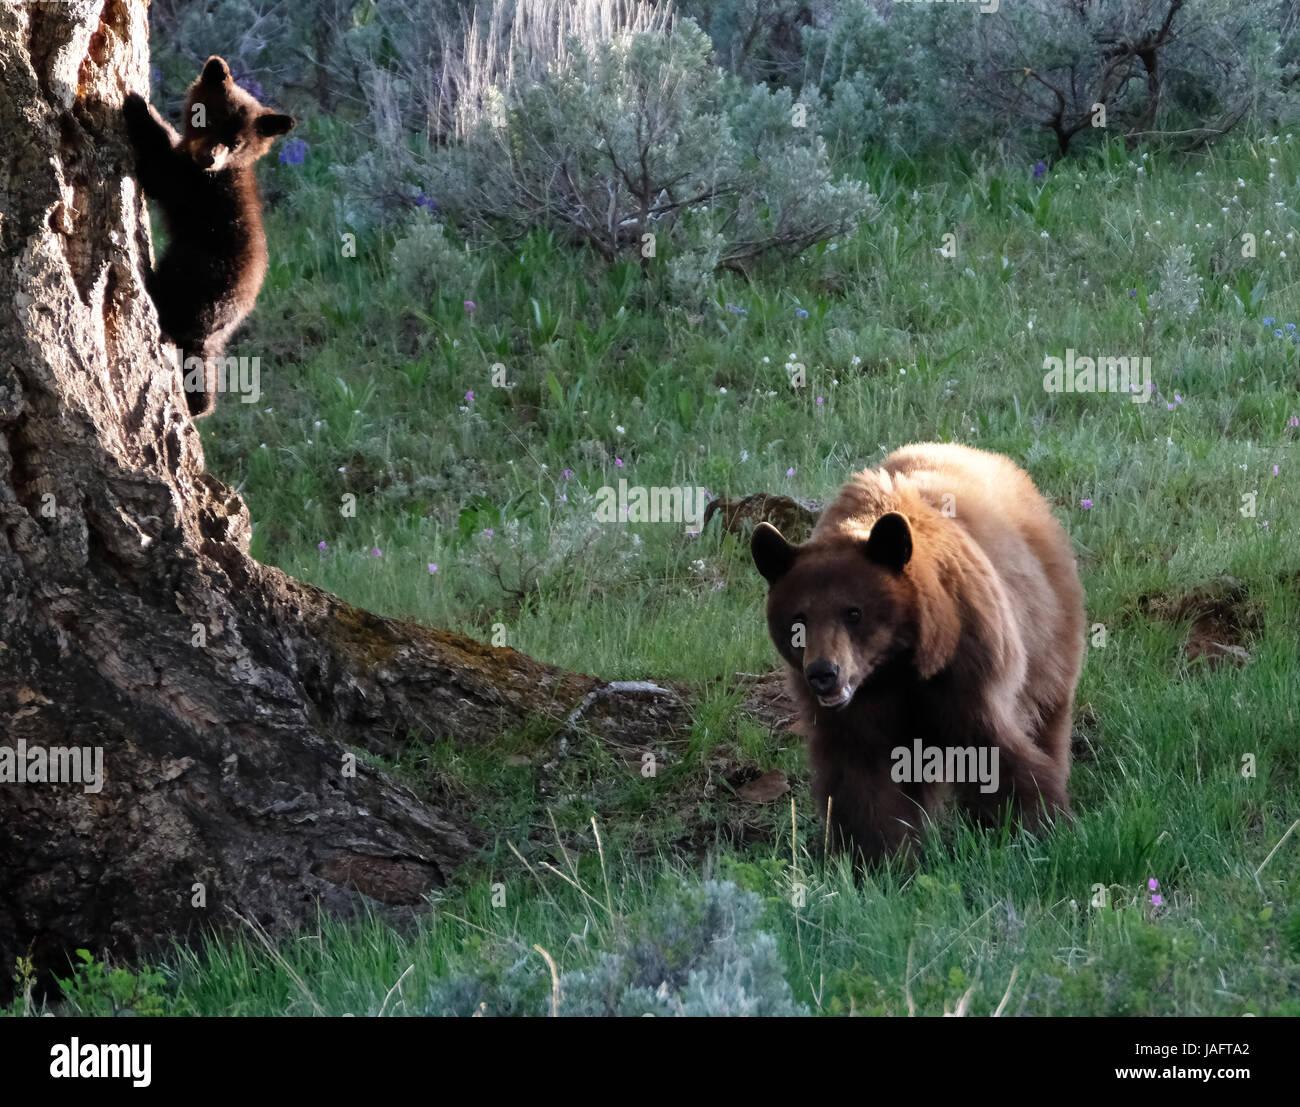 Hembra de oso negro americano sembrar con el bebé cachorros en el Parque Nacional Yellowstone, Wyoming Imagen De Stock